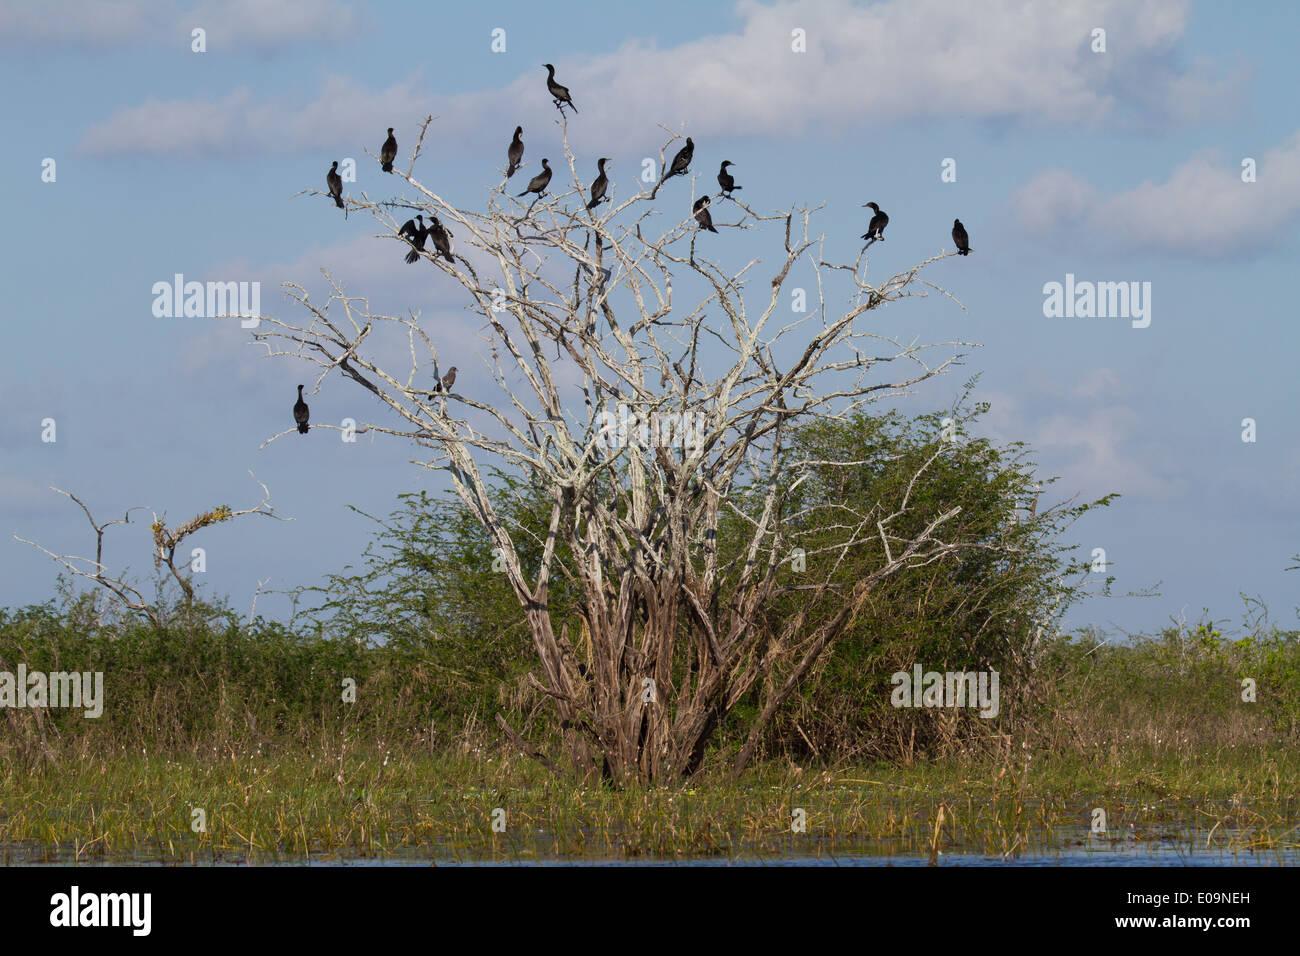 Neotropic Cormorants (Phalacrocorax brasilianus) roosting on a dead tree - Stock Image